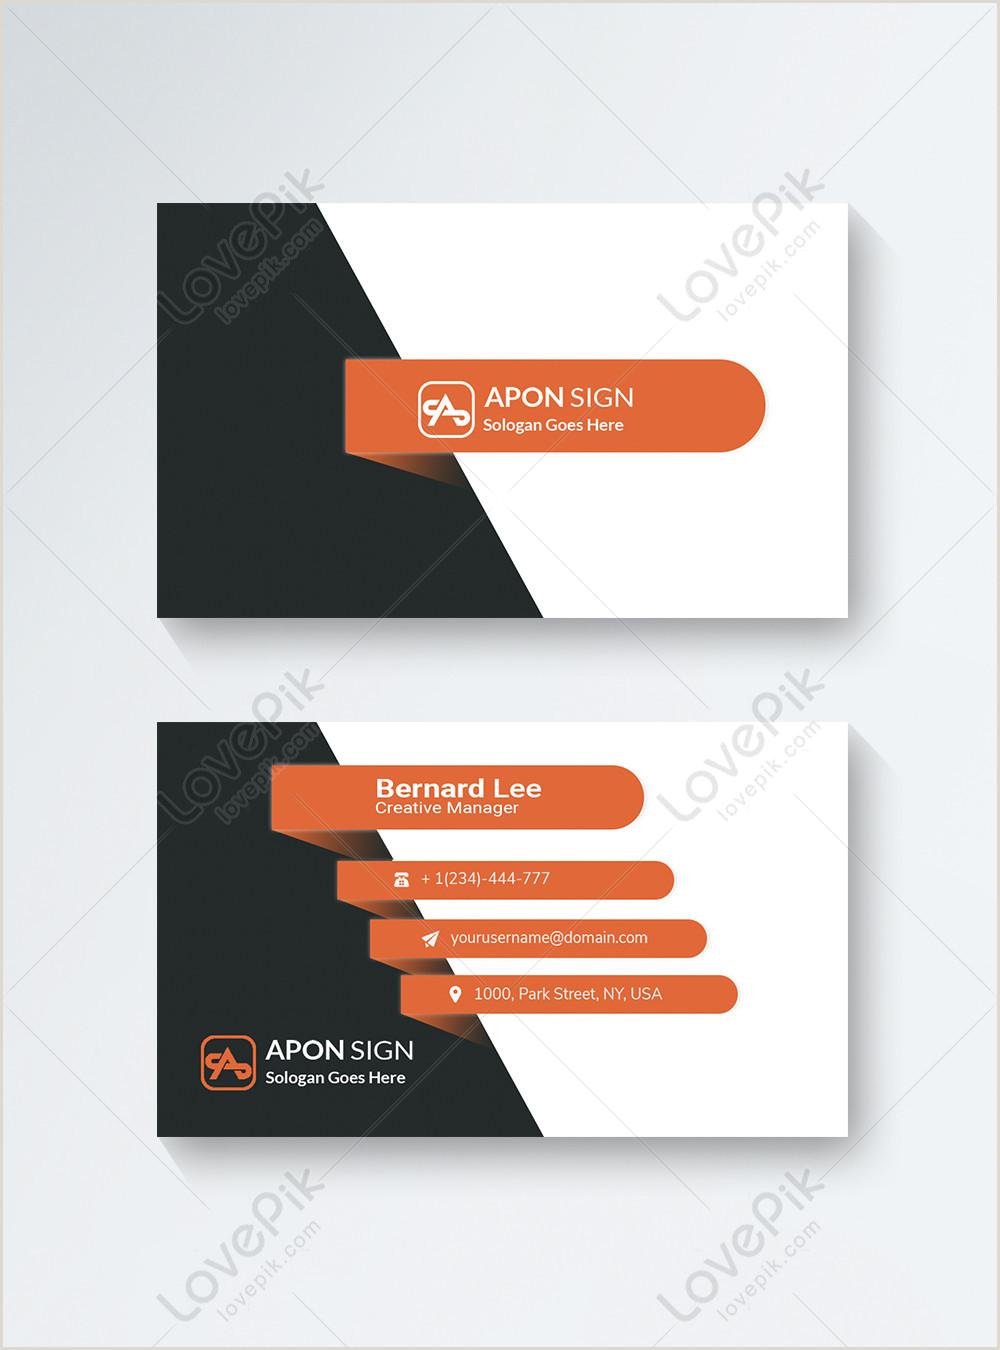 Premium Unique Business Cards Unique Business Card Template Image Picture Free